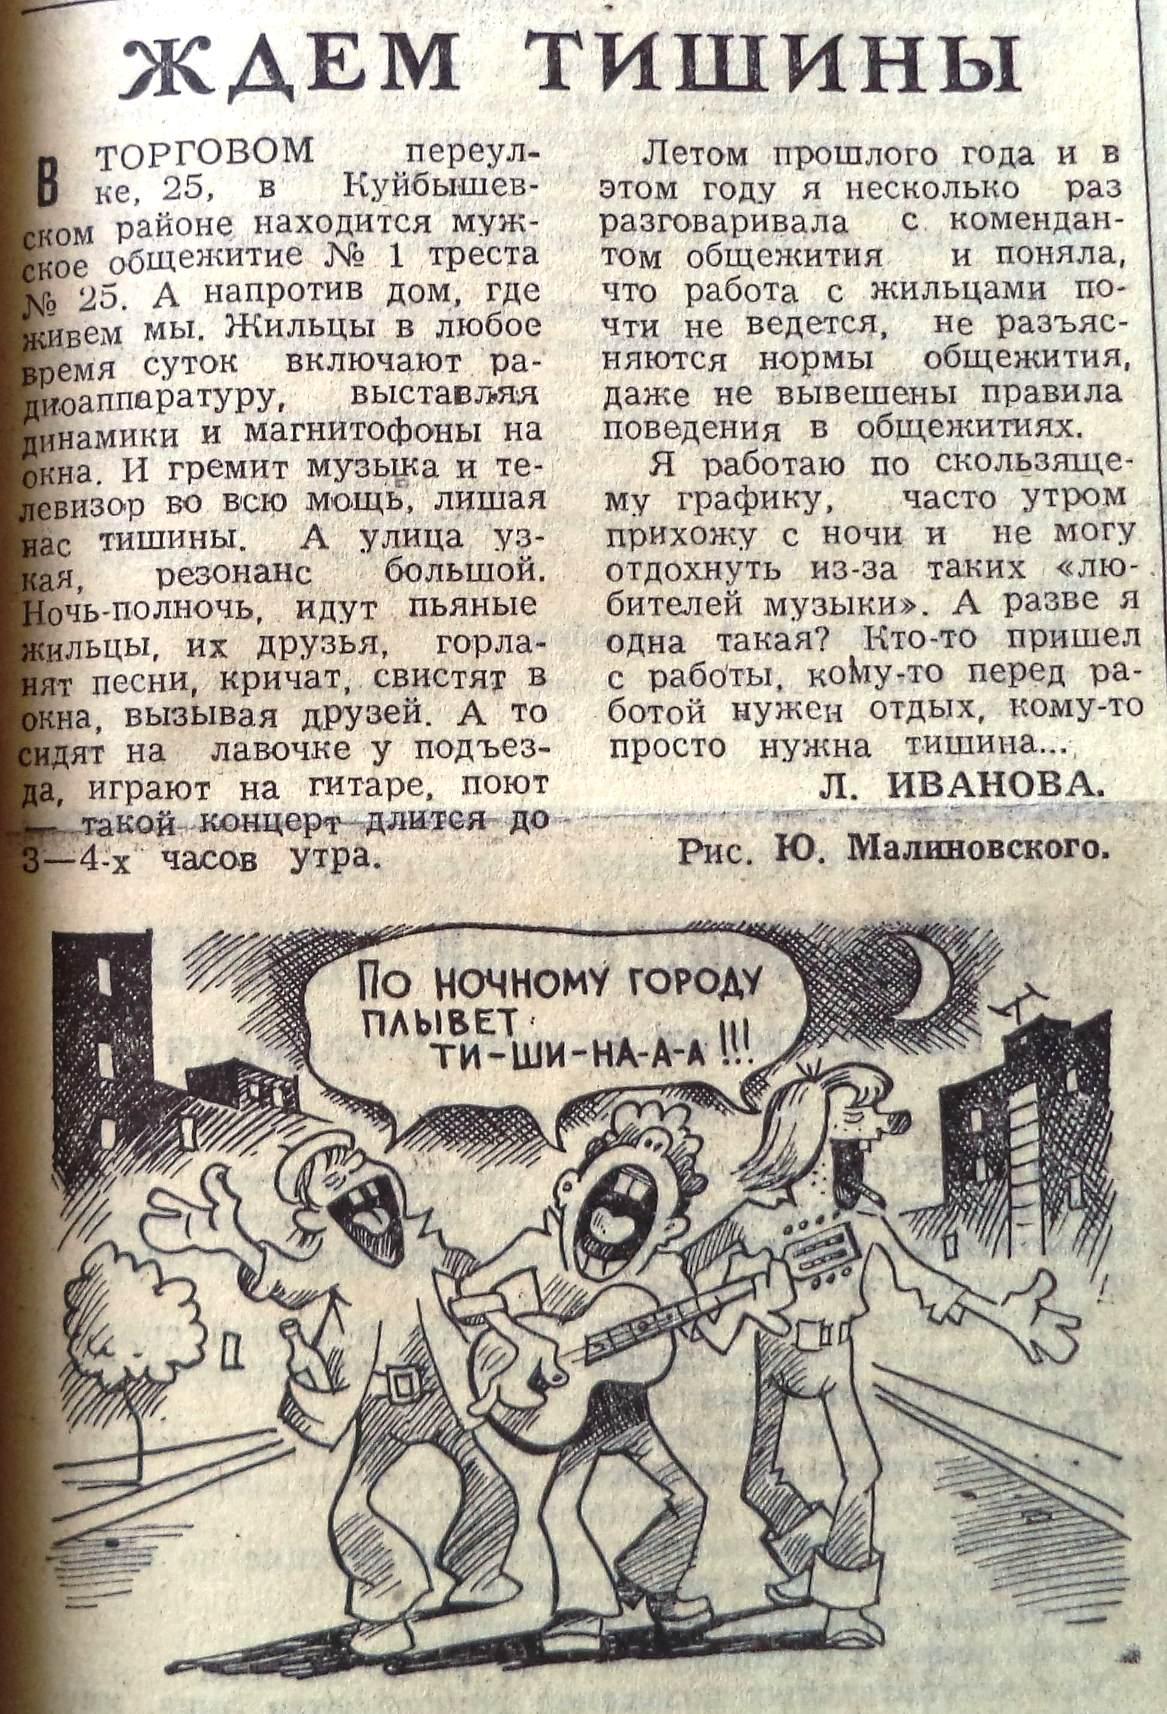 Торговый-ФОТО-19-ВЗя-1982-08-03-пробл. общеж. Треста № 25 в Торг.пер.-min